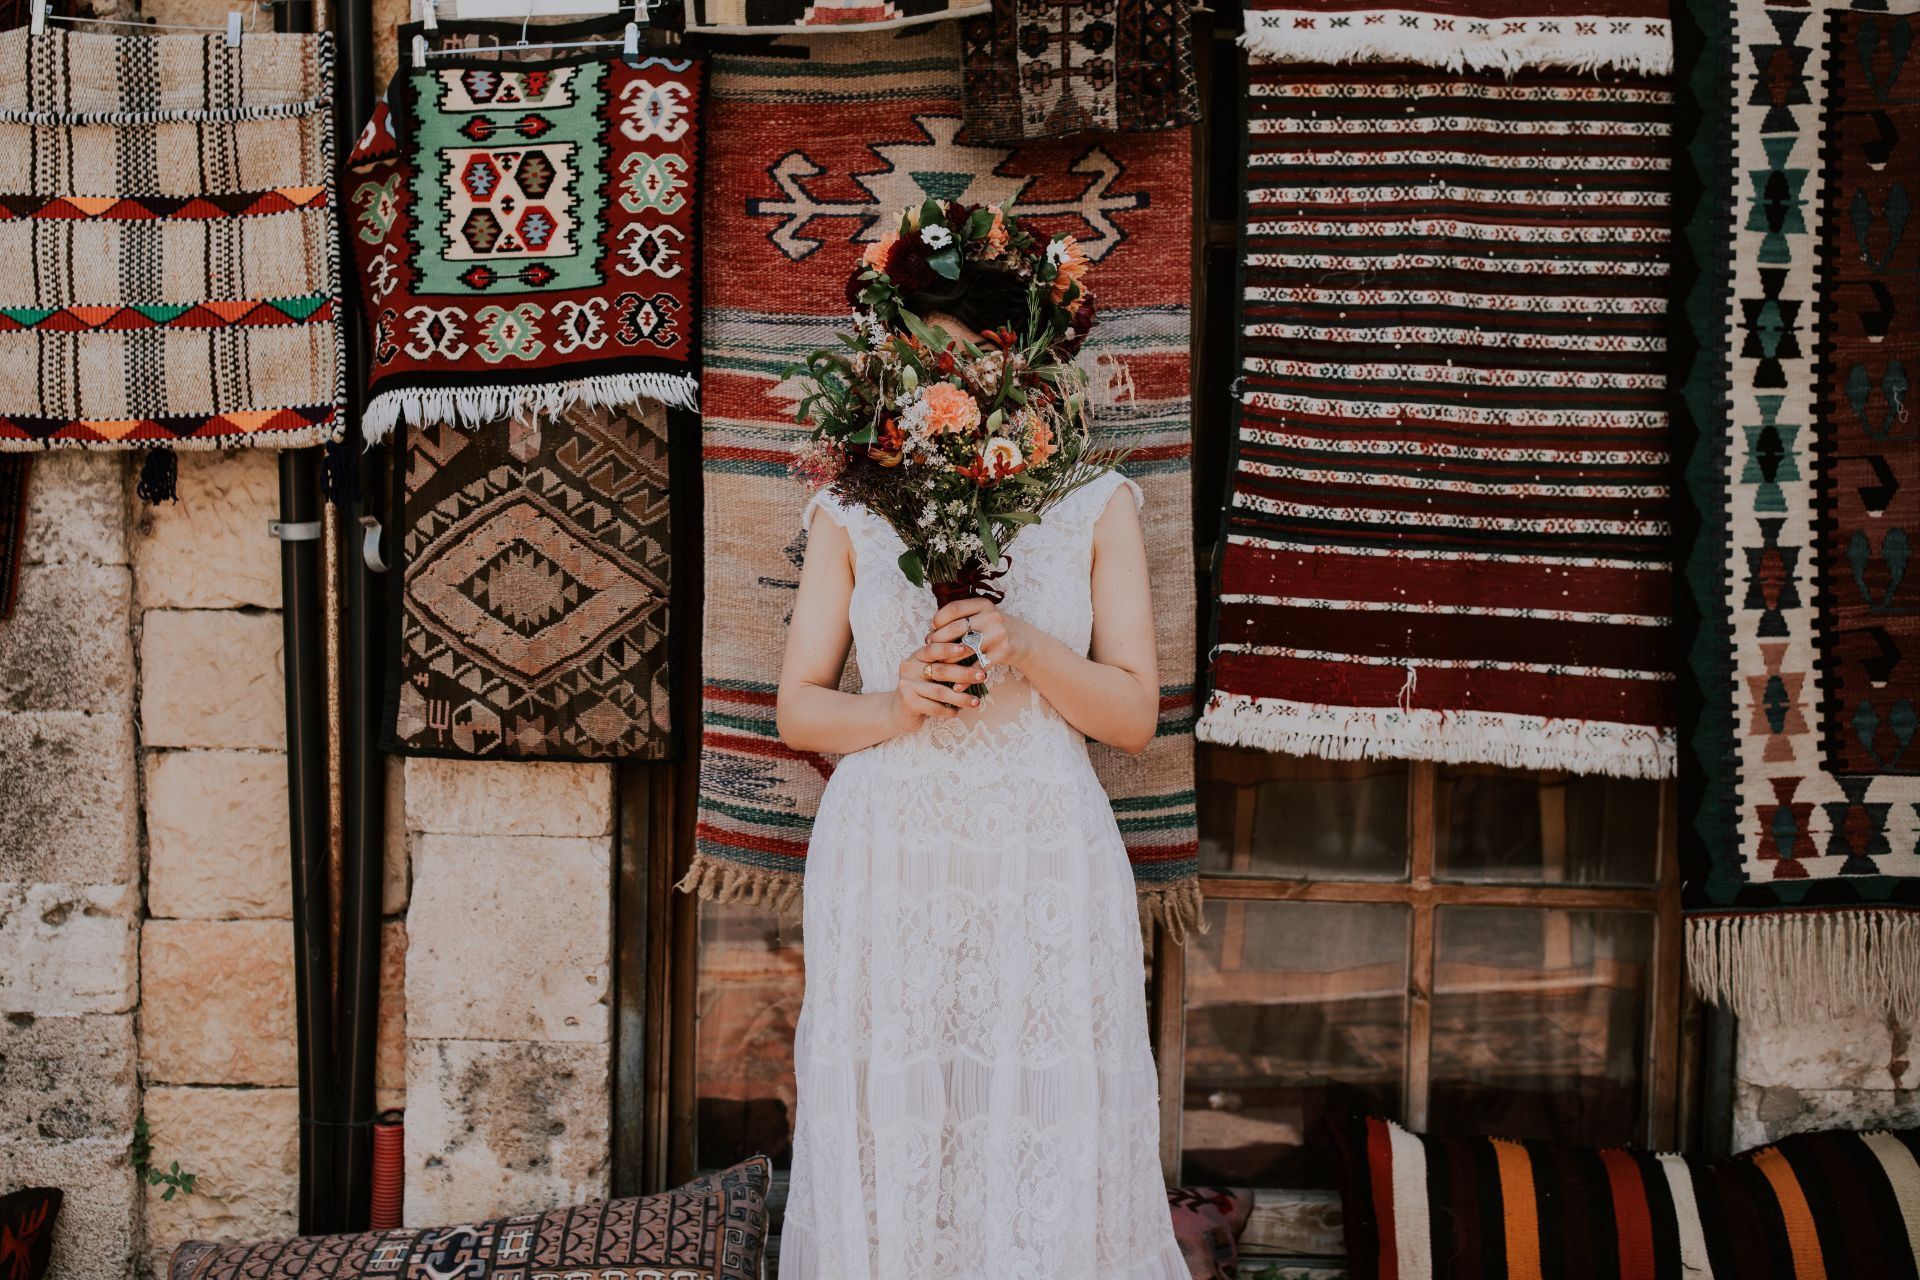 מהכפר בהודו לאירוע וינטג' ביפו: החתונה של מנור ואופיר